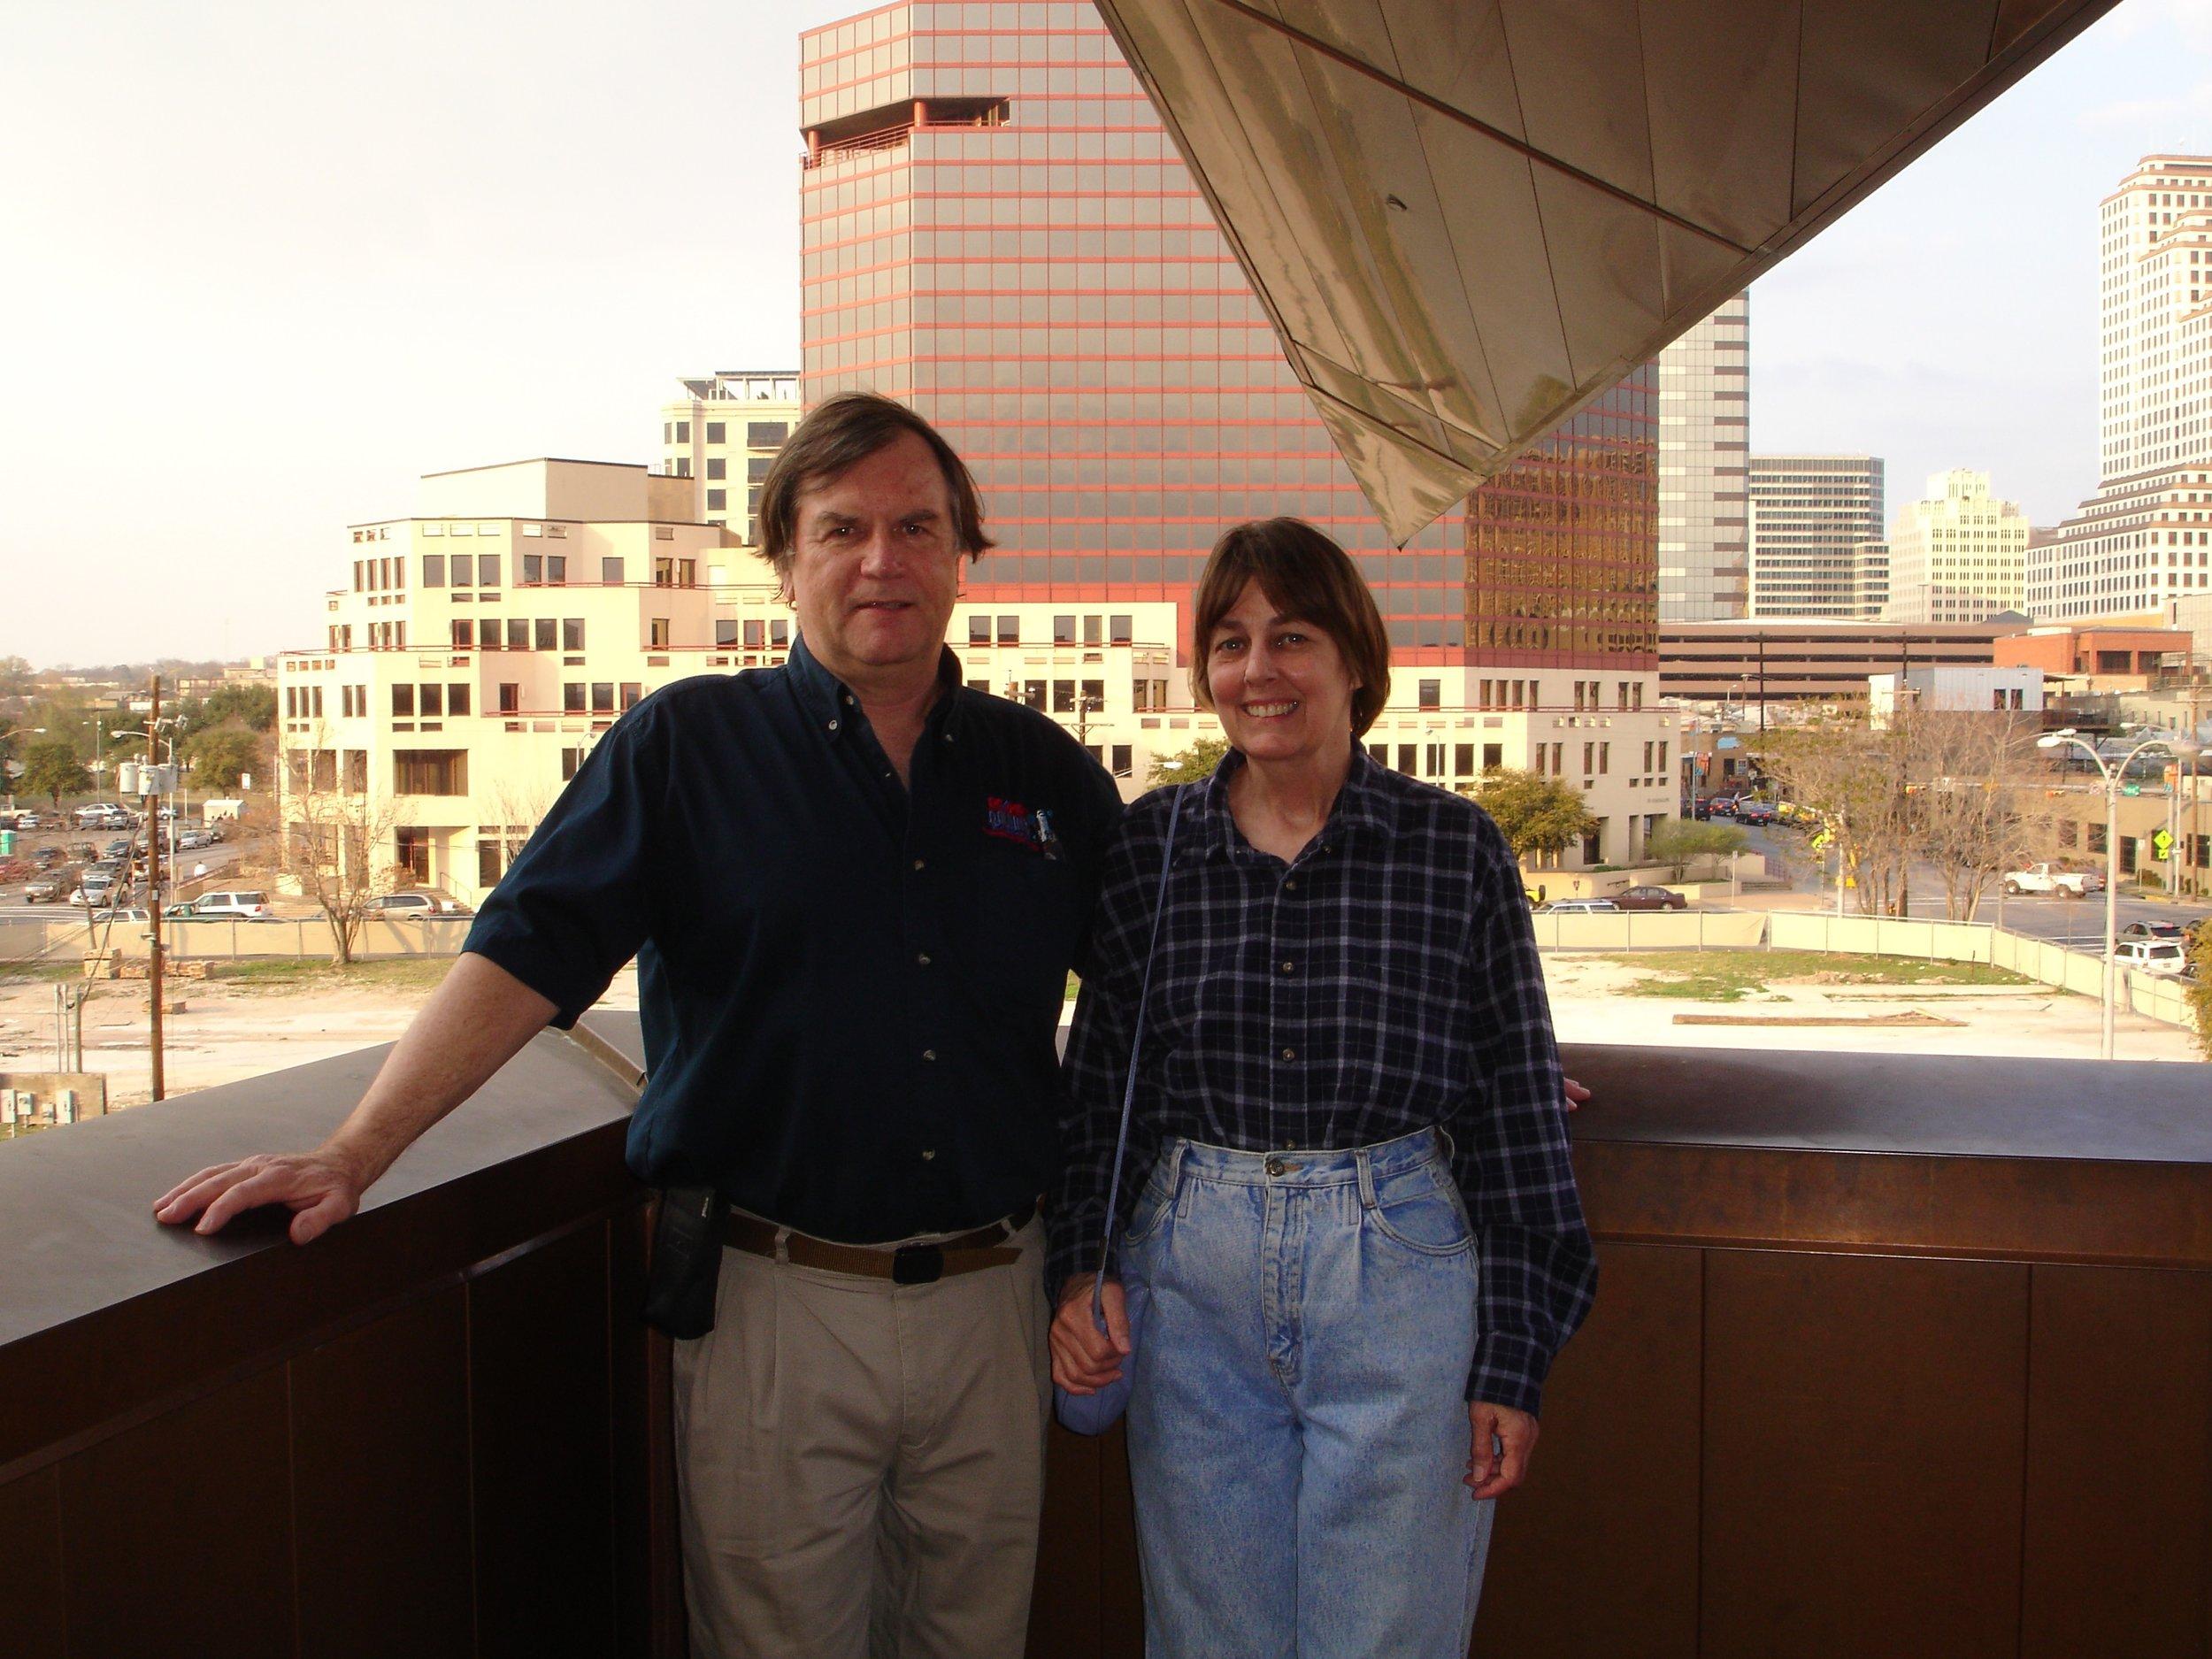 Lloyd & Kari Cates 2006.jpg